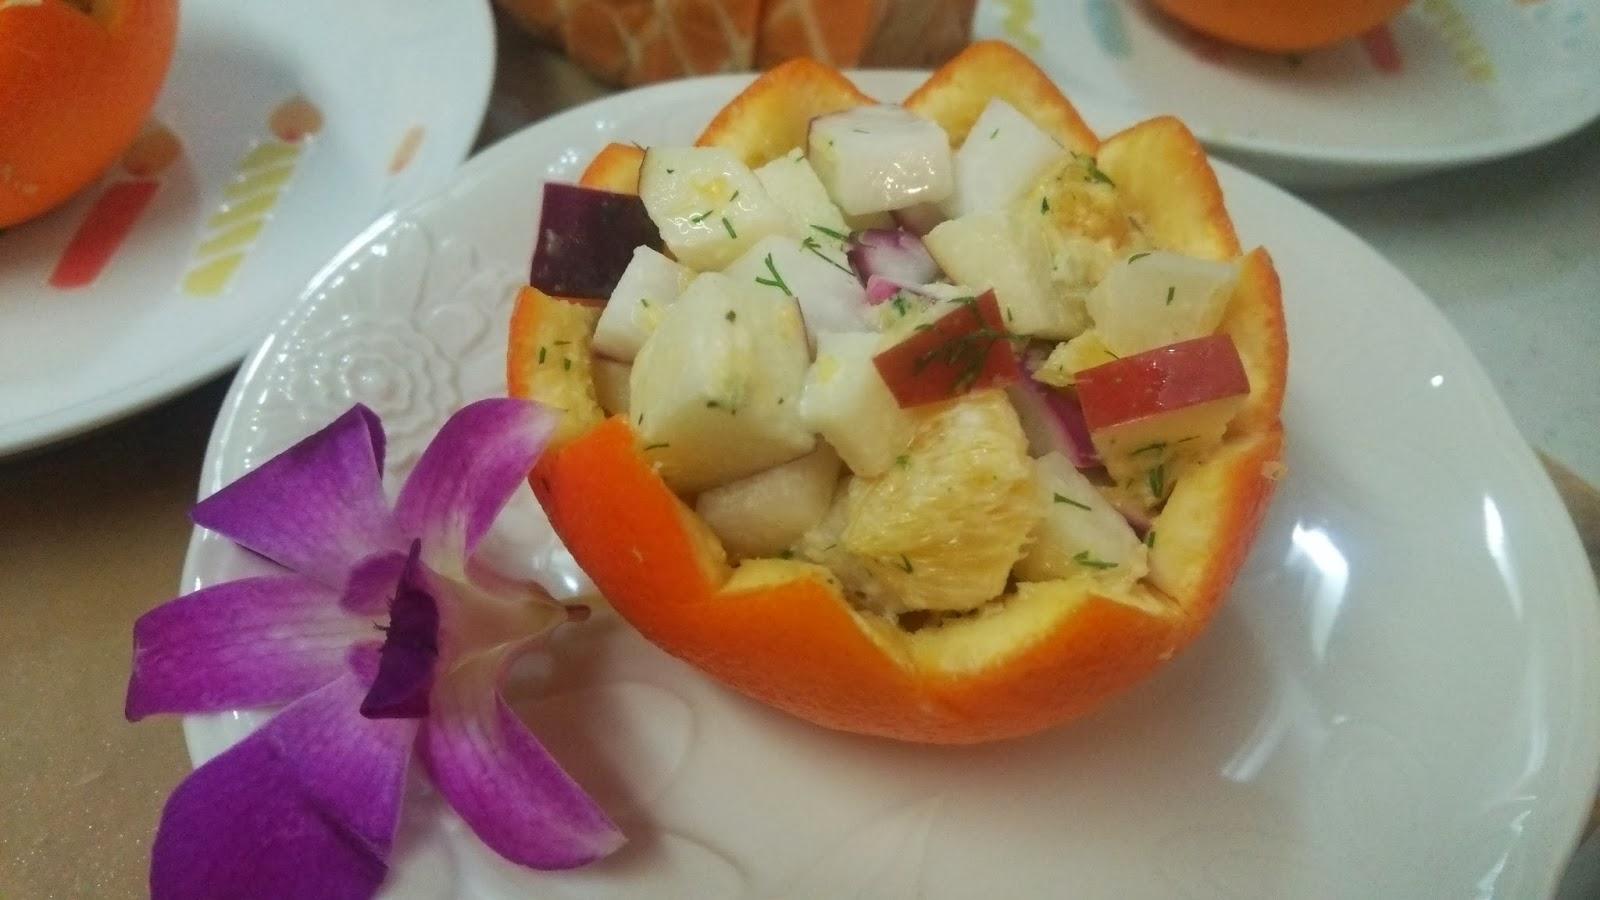 川崎市・蒲田/多摩川の出張シェフ:柑橘のファルシ 冬野菜のサラダ仕立て